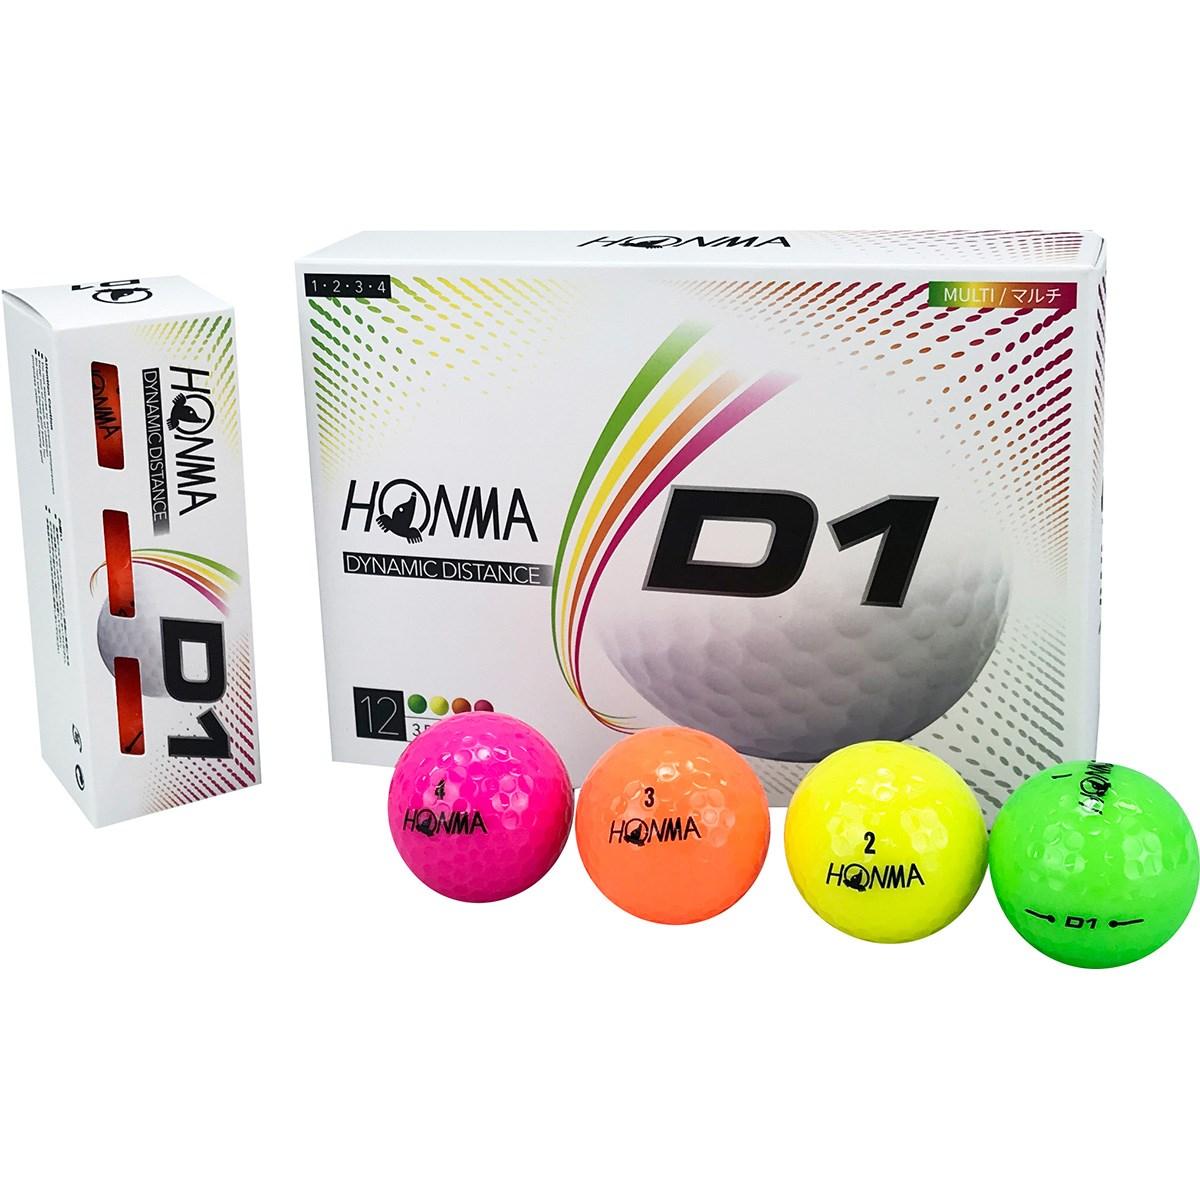 本間ゴルフ HONMA D1 ボール 2020年モデル 3ダースセット 3ダース(36個入り) マルチ